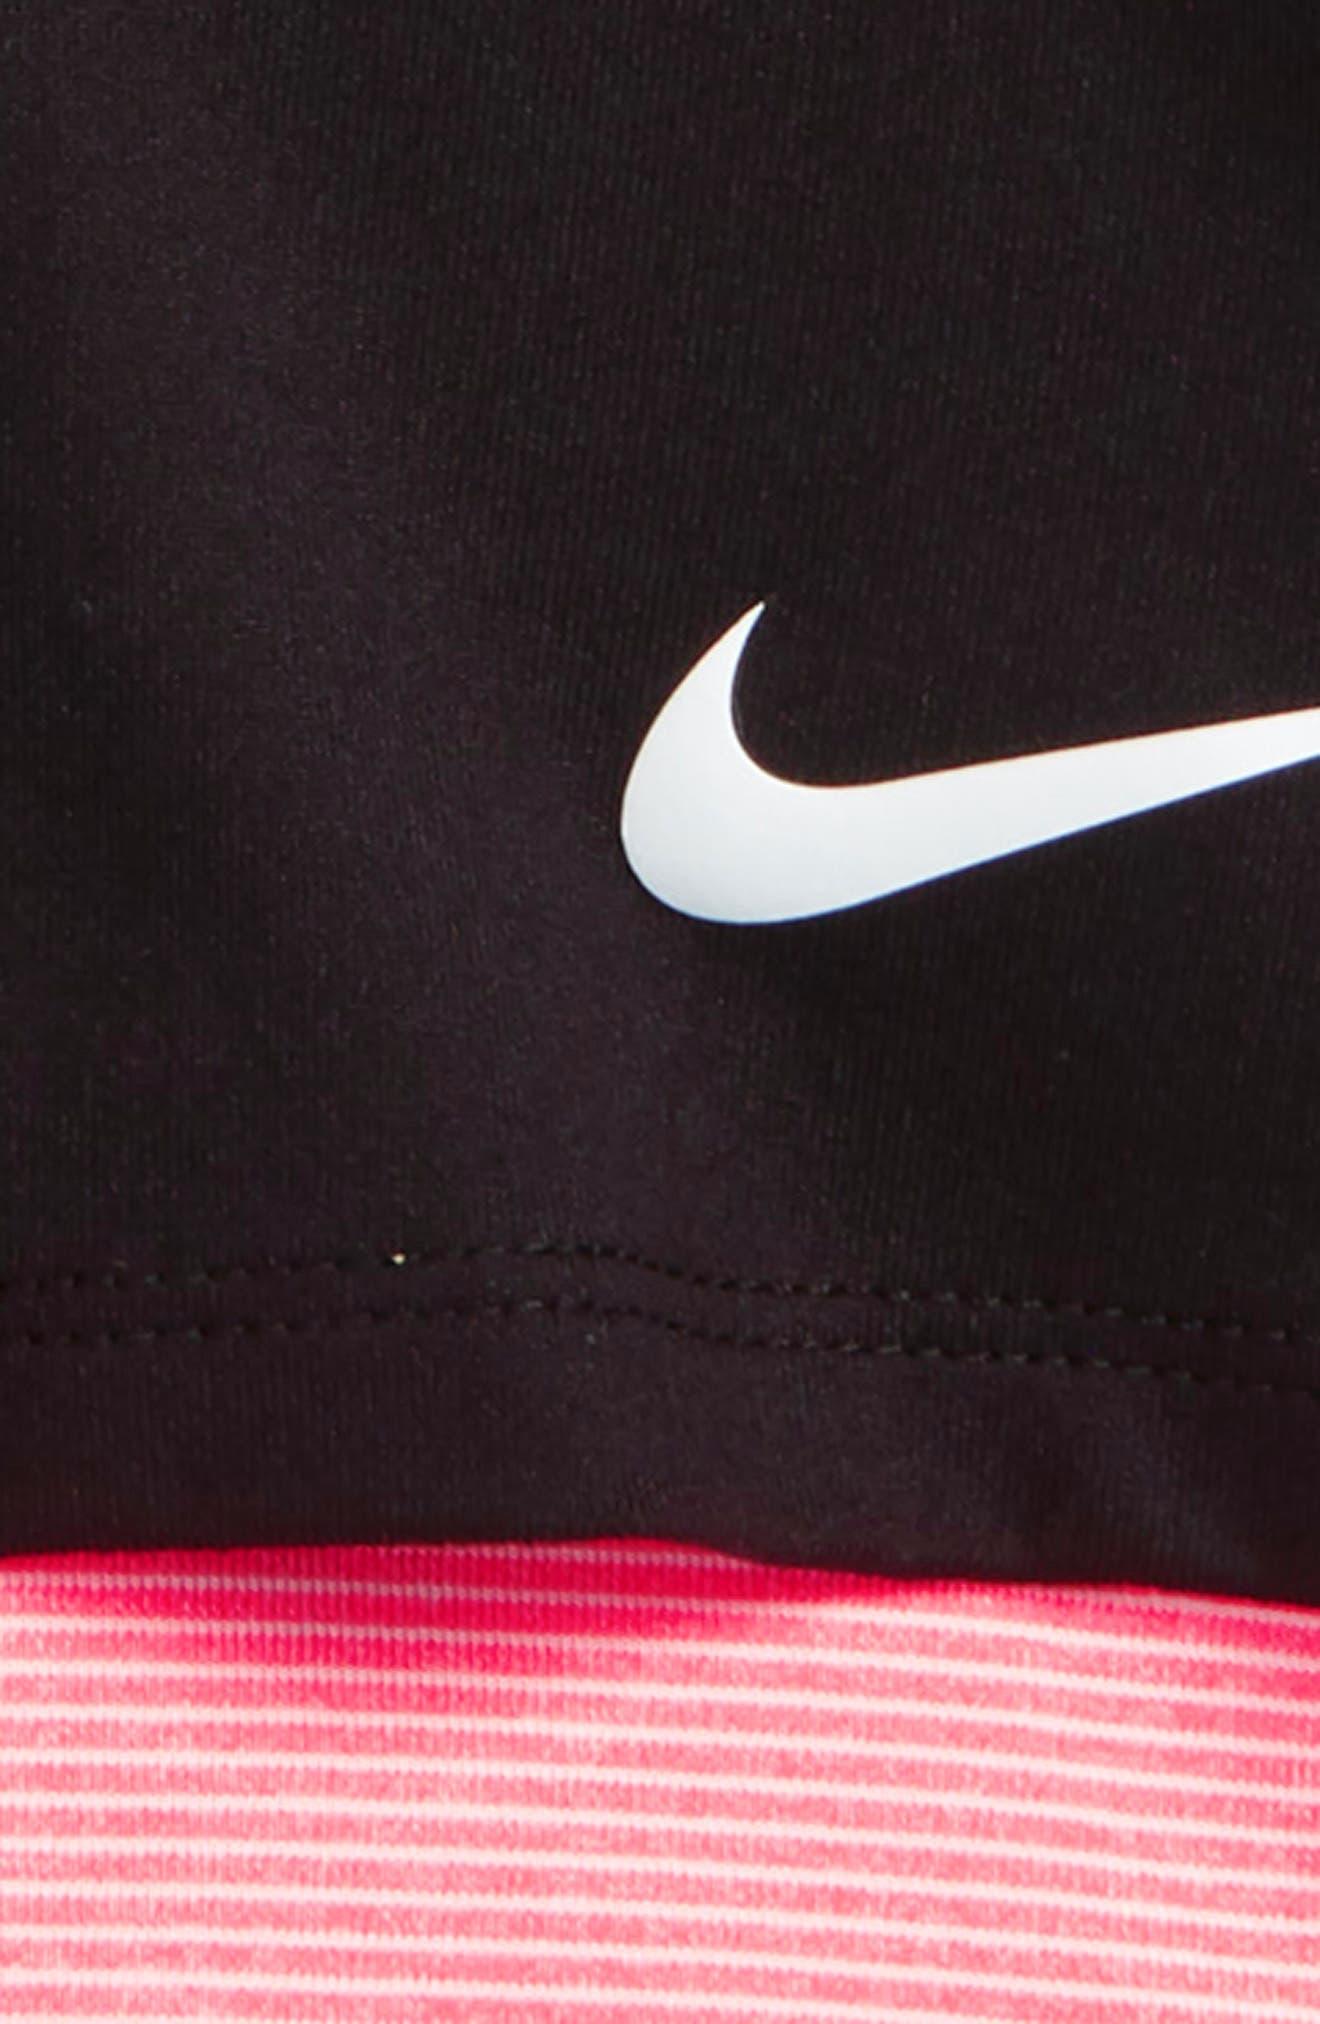 Dri-Fit Scooter Shorts,                             Alternate thumbnail 2, color,                             Black